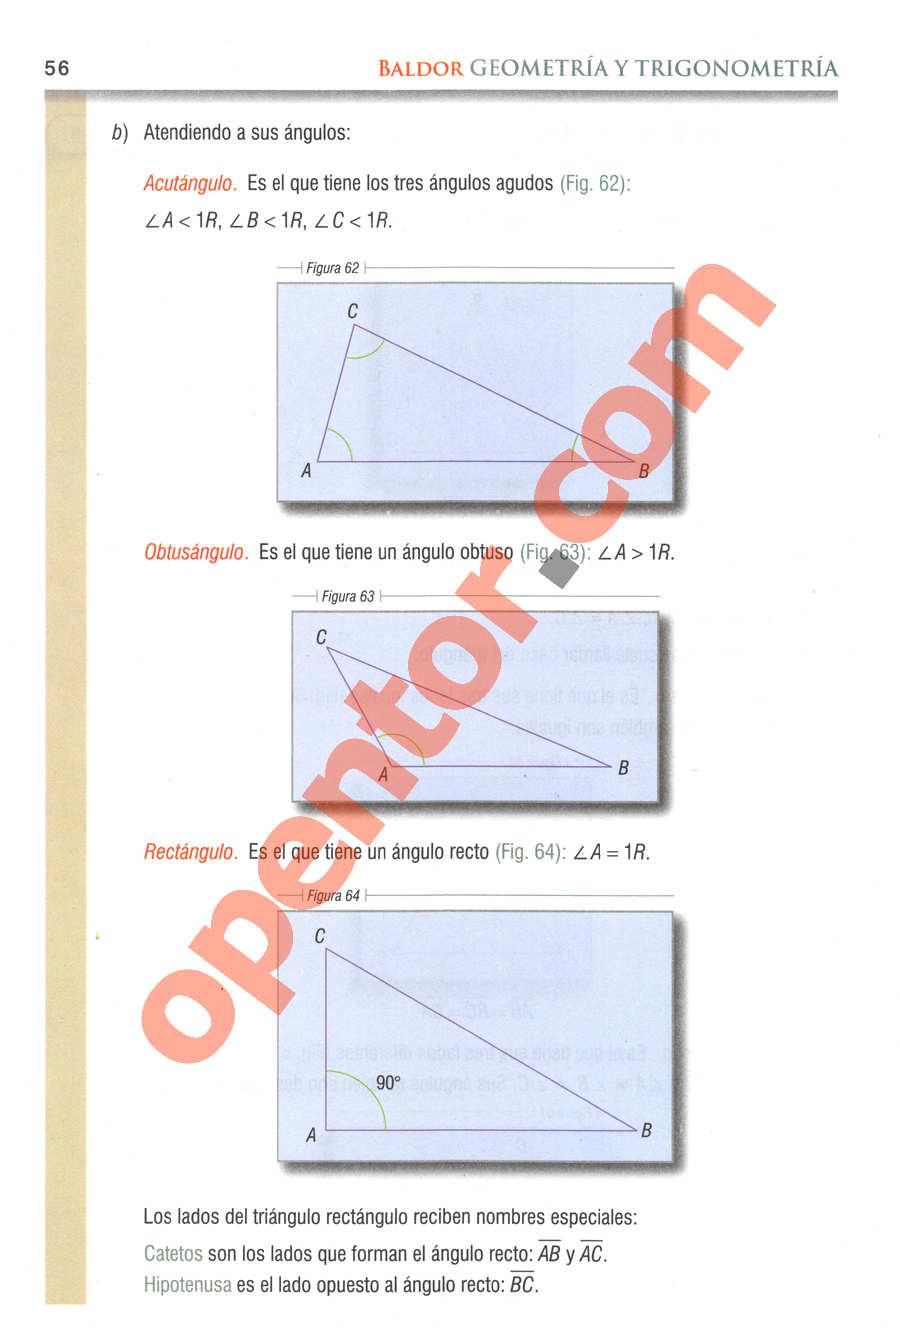 Geometría y Trigonometría de Baldor - Página 56